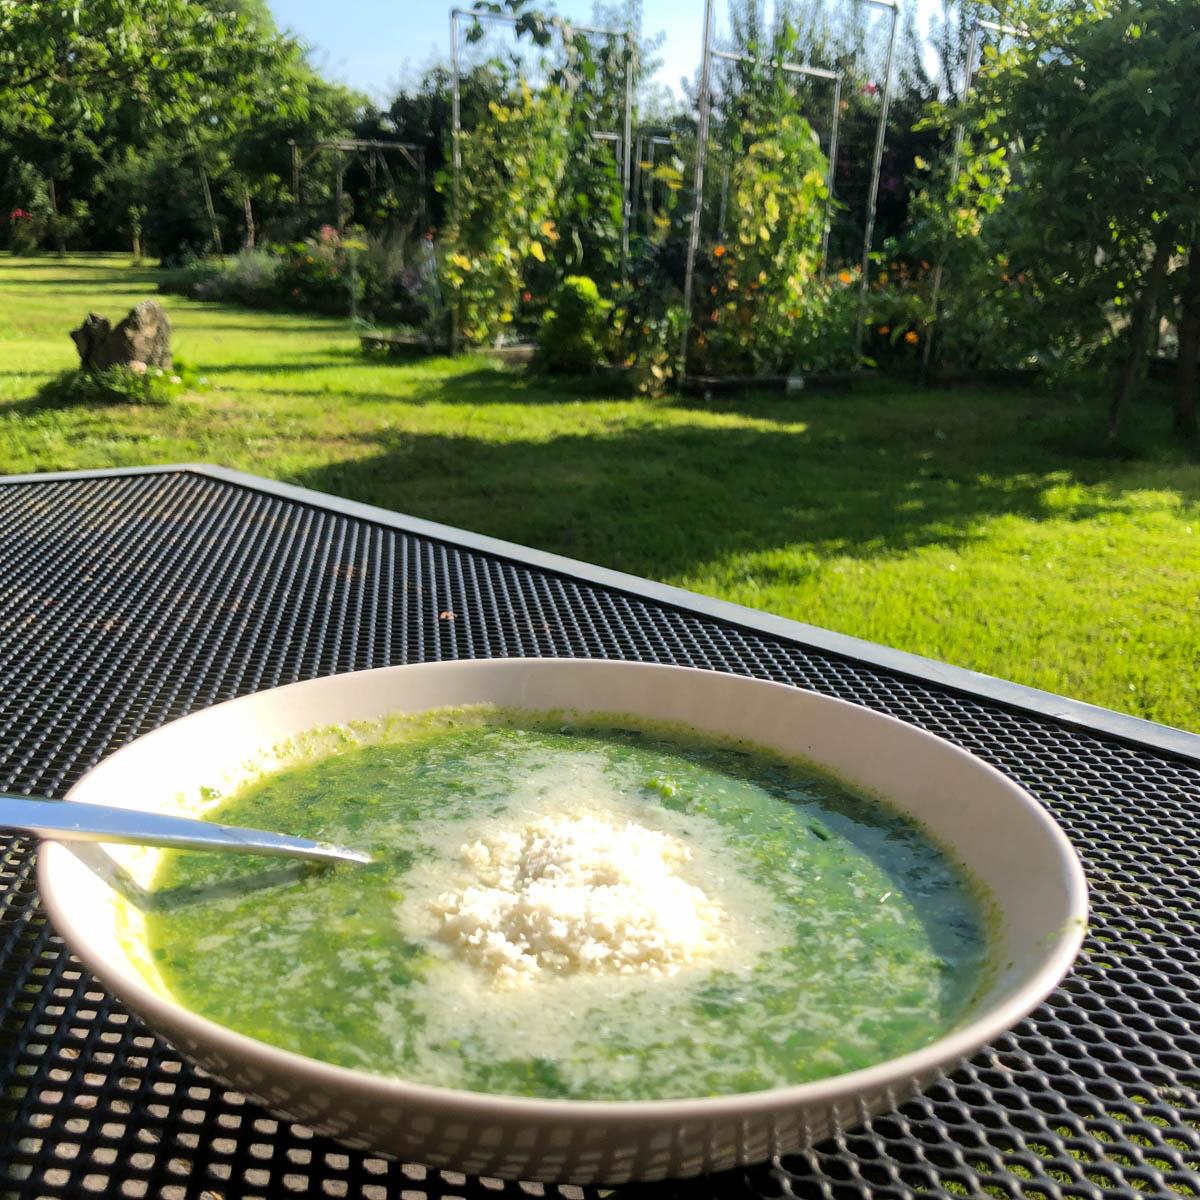 Courgette soep met veel peterselie en bieslook